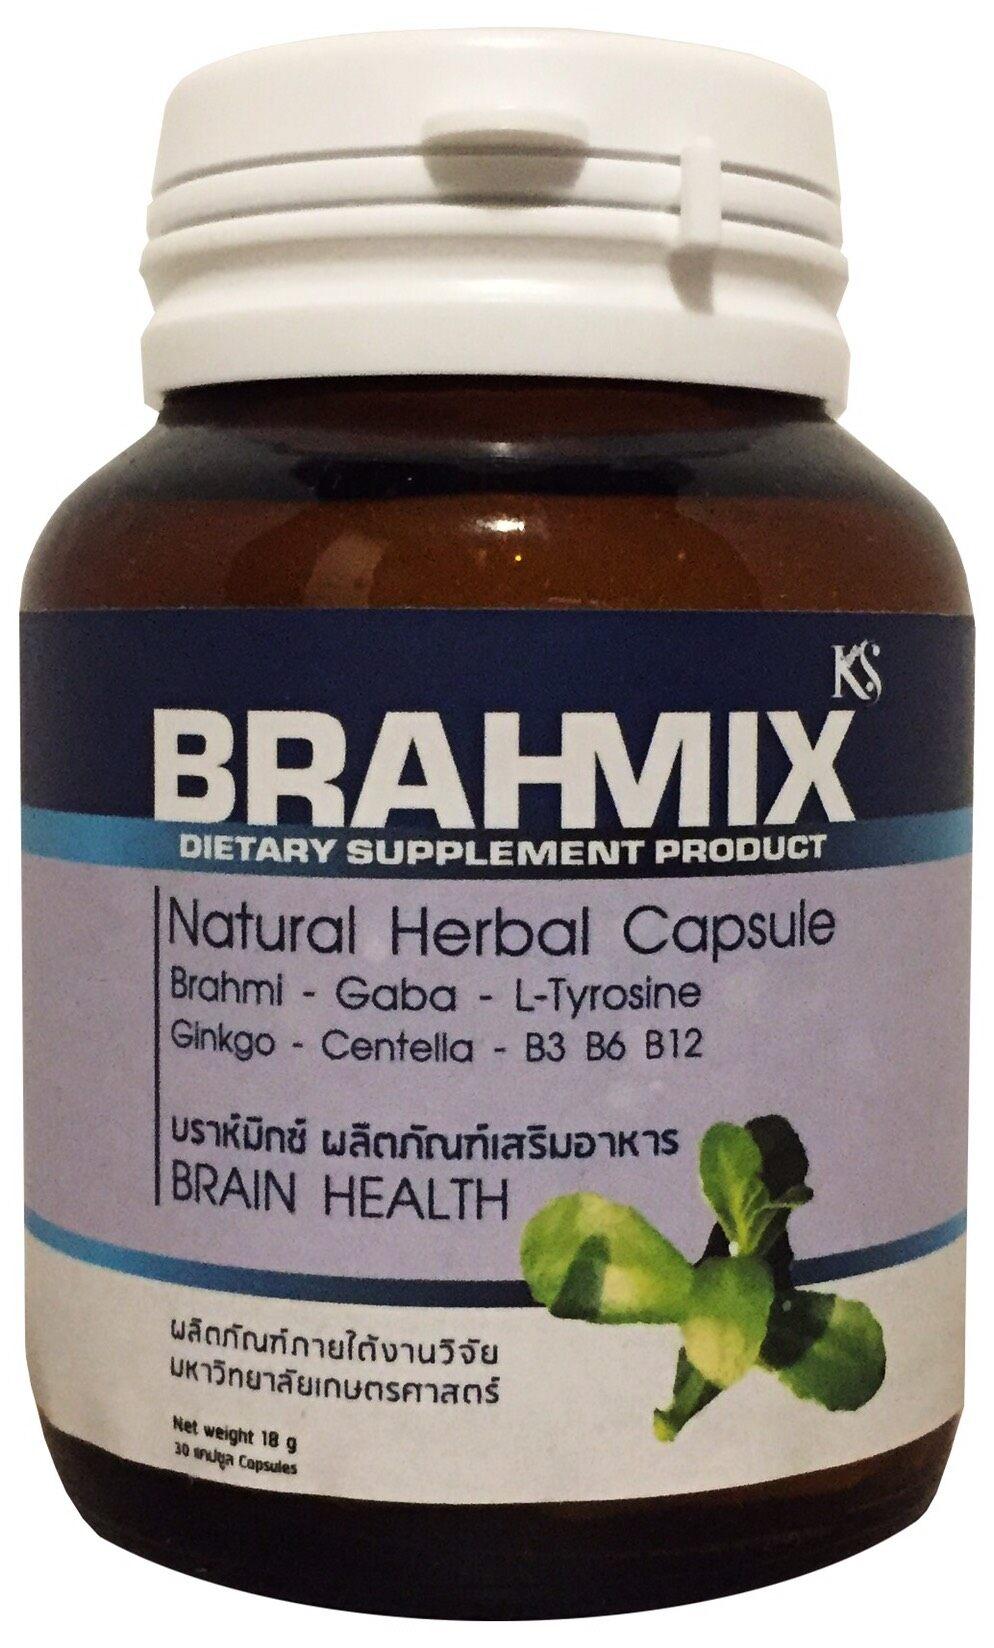 อาหารสมอง พรมมิ แปะก๊วย Brahmix งานวิจัยรางวัล Silver ของมหาวิทยาลัยเกษตรศาสตร์  ข้าวฮางงอก ใบบัวบก บัวบก